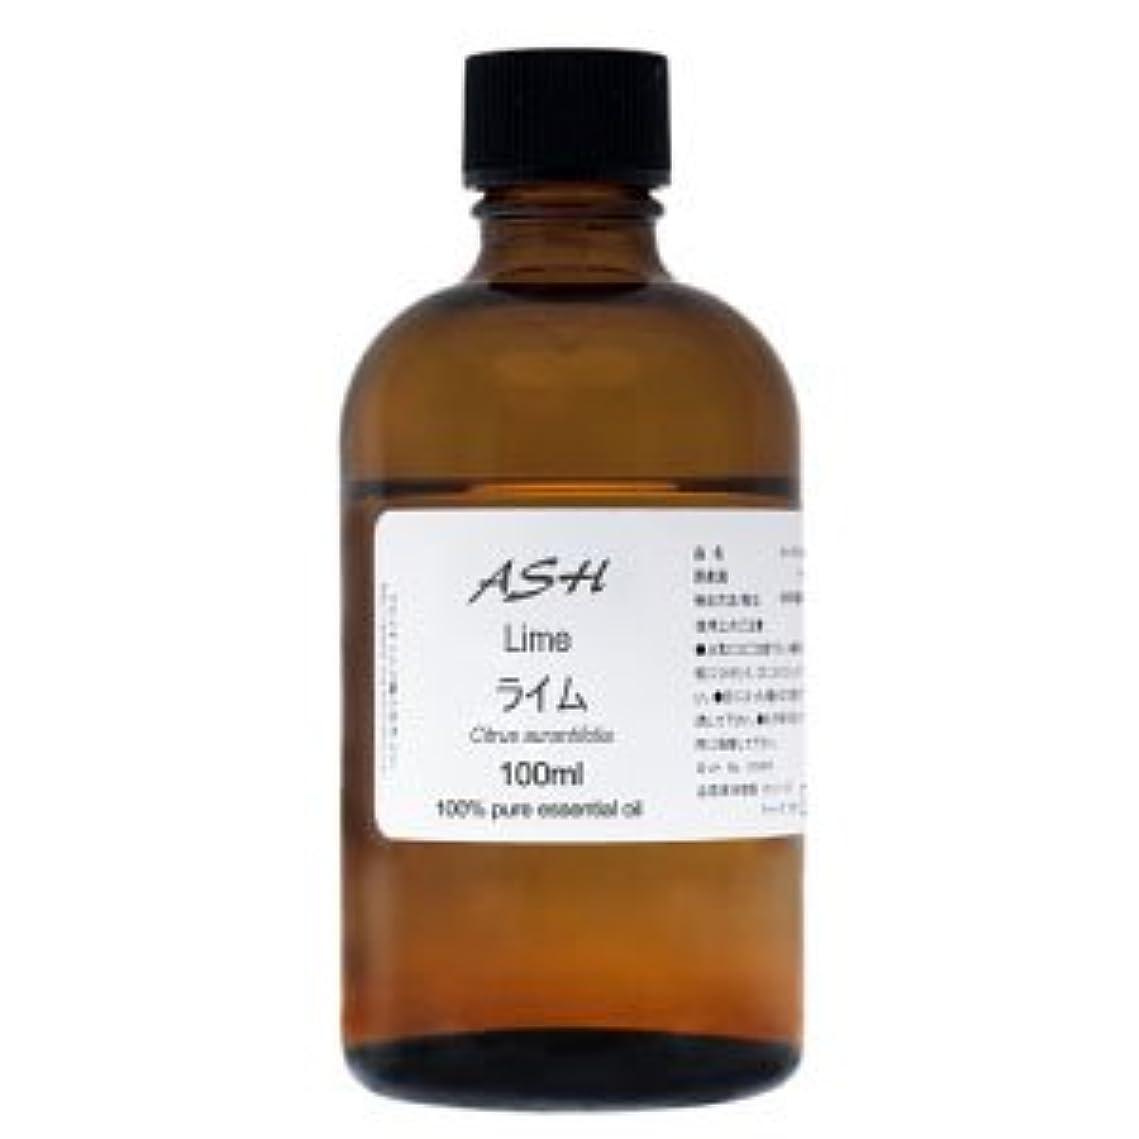 流用するコーンシダASH ライム エッセンシャルオイル 100ml AEAJ表示基準適合認定精油